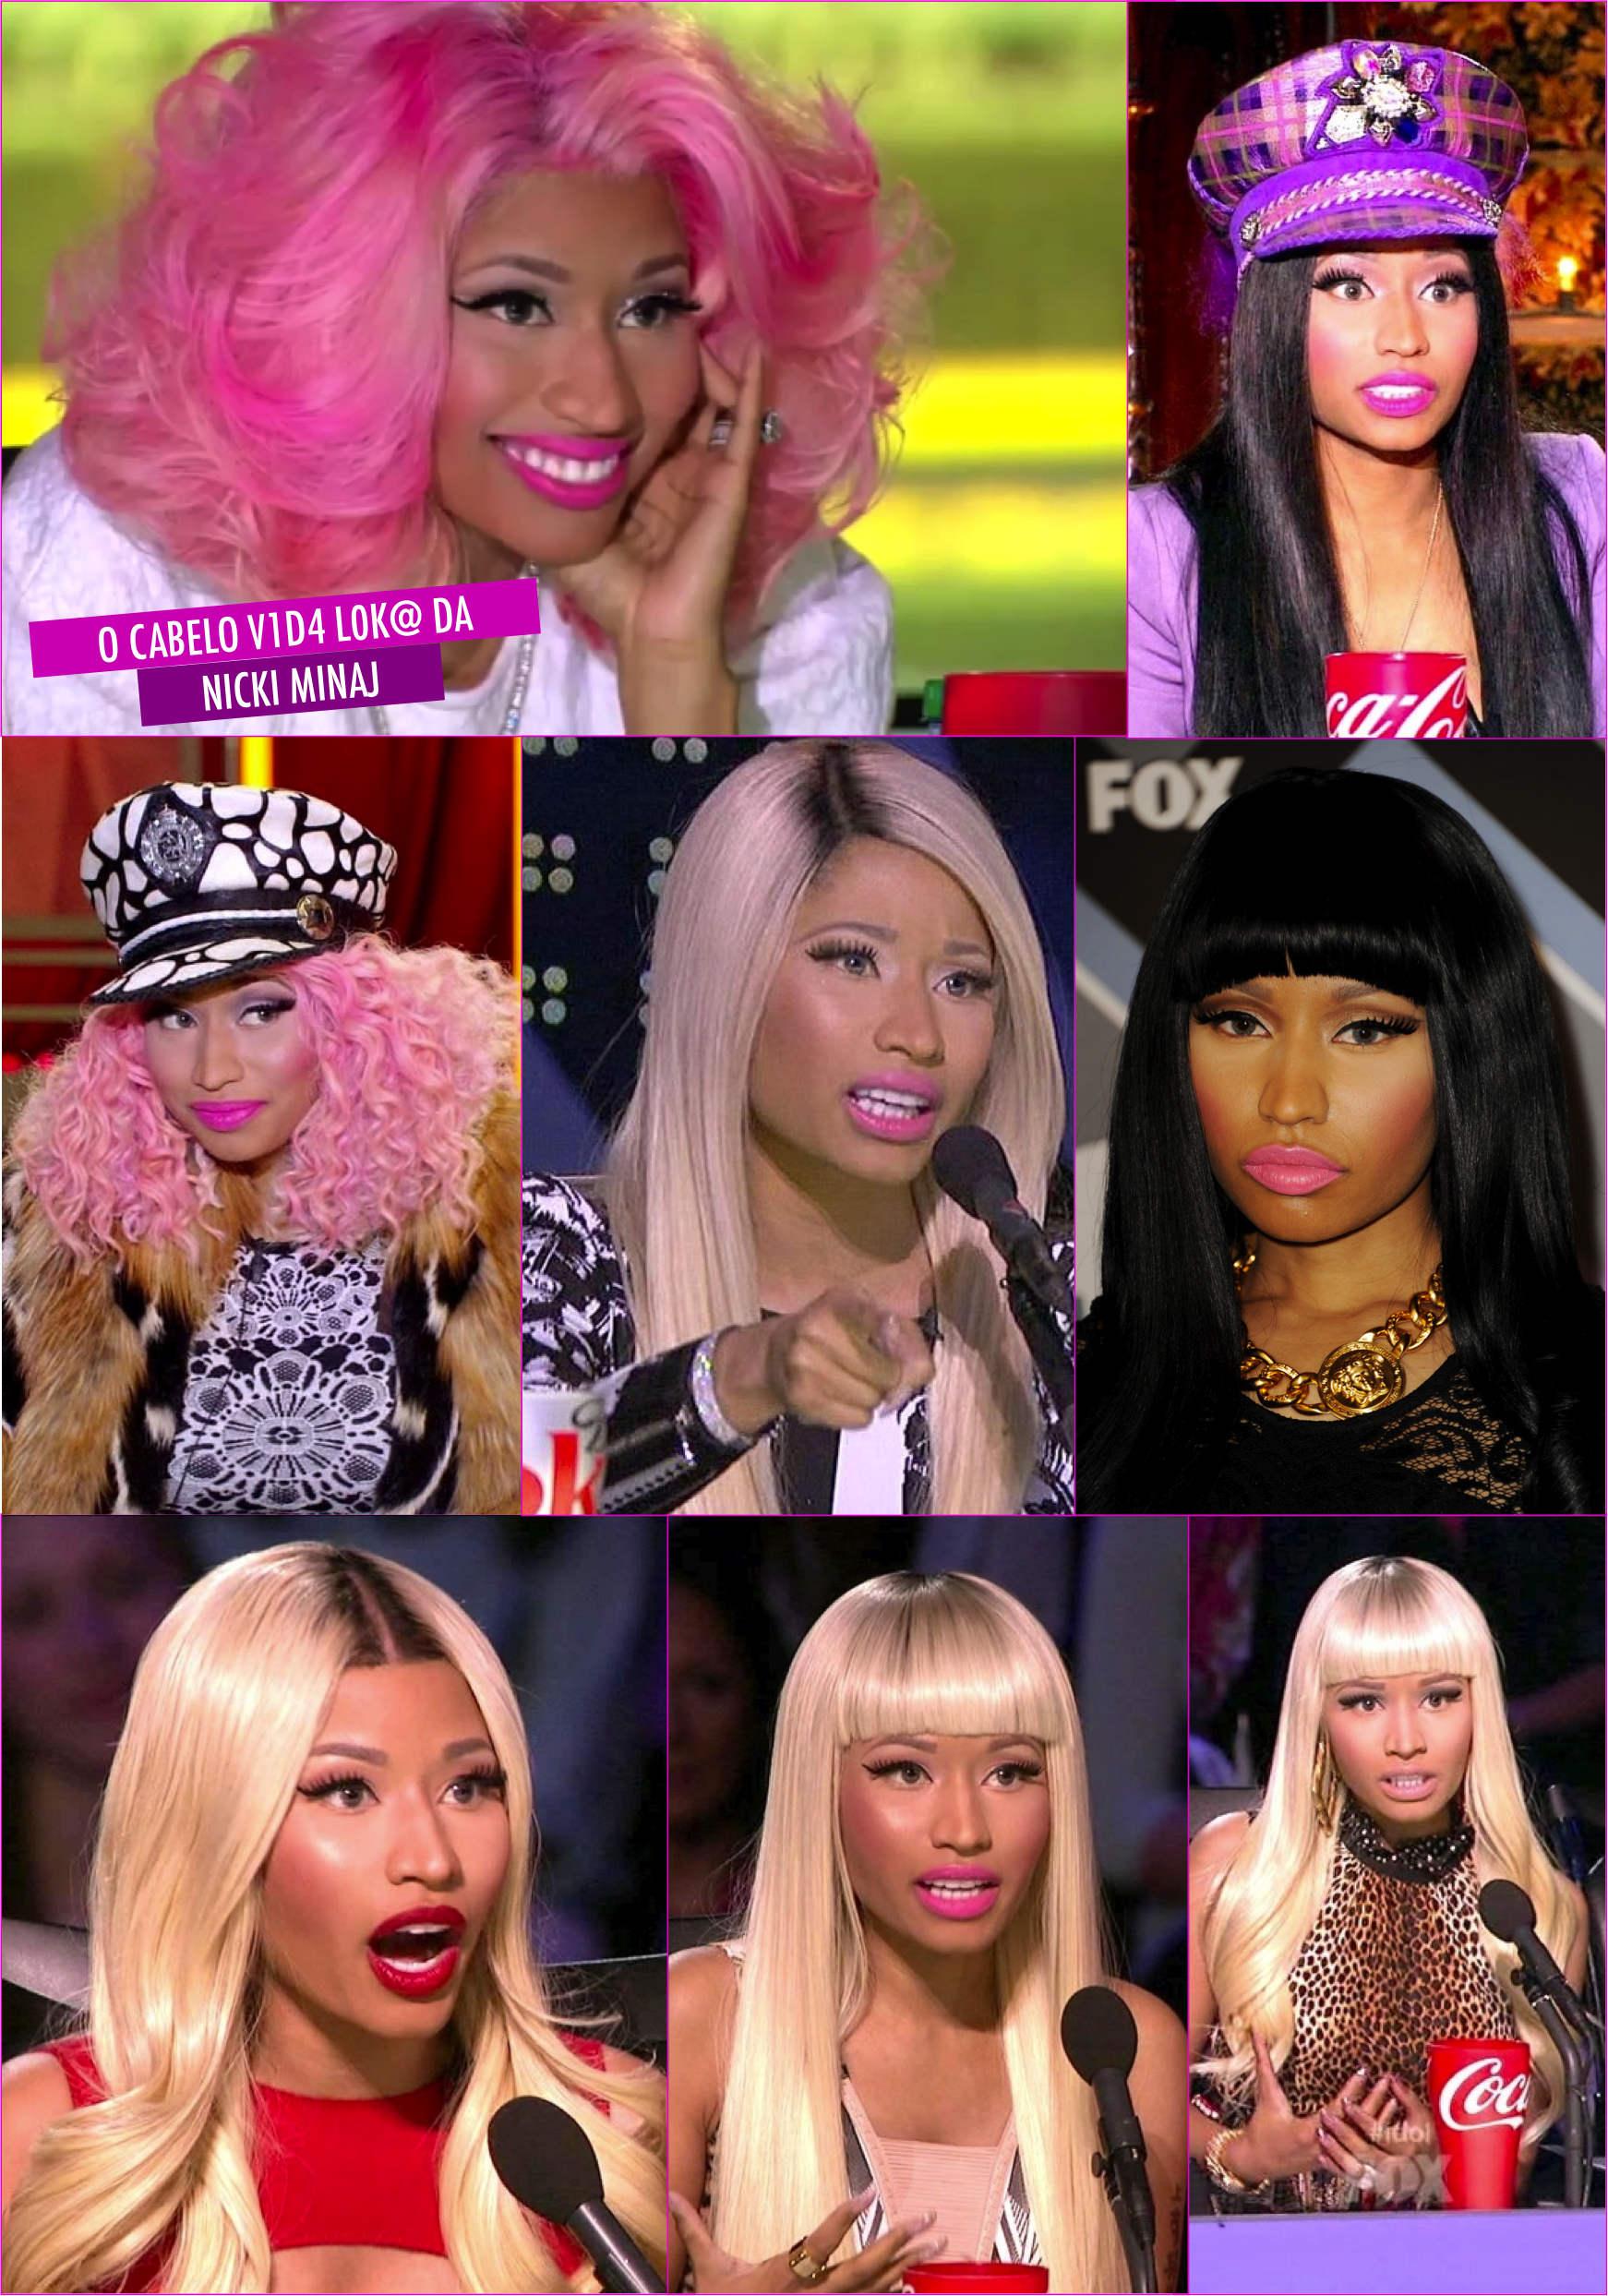 Os cabelos do American Idol!